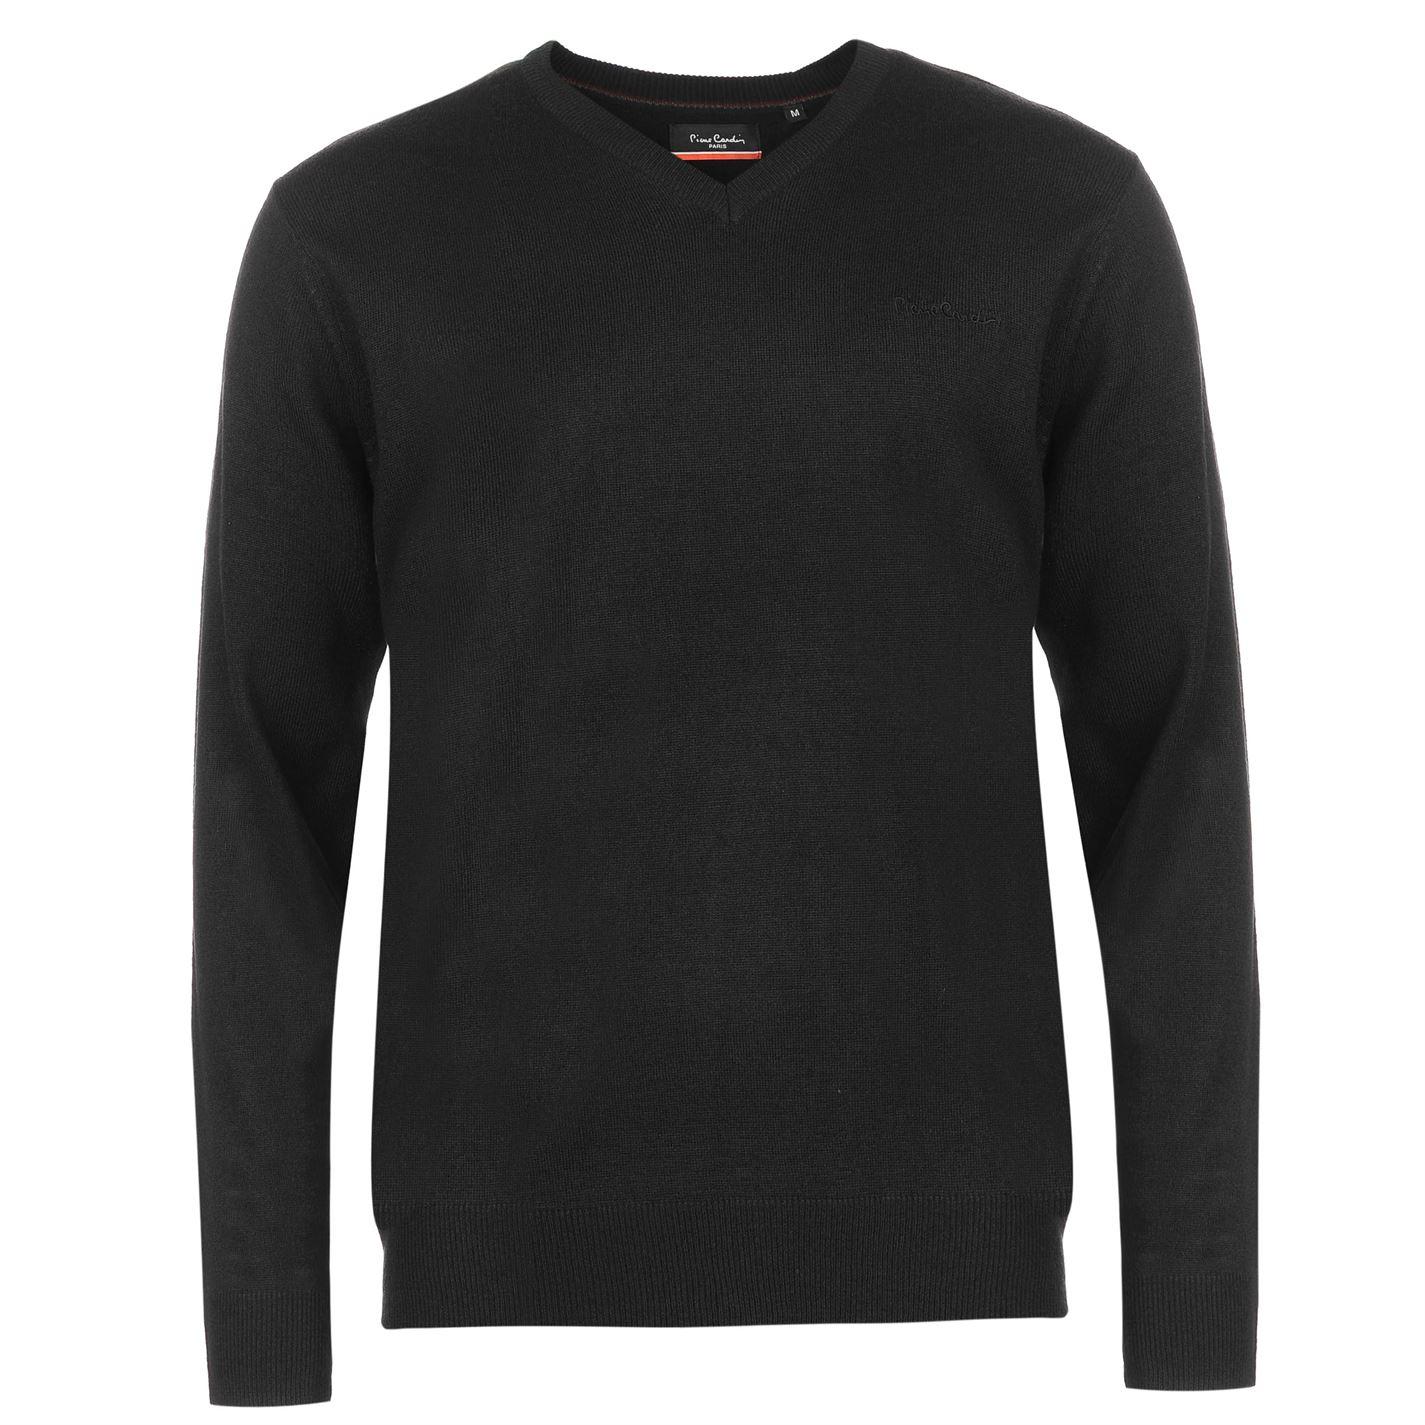 Pulovere tricotate Pierre Cardin cu decolteu in V pentru Barbati negru